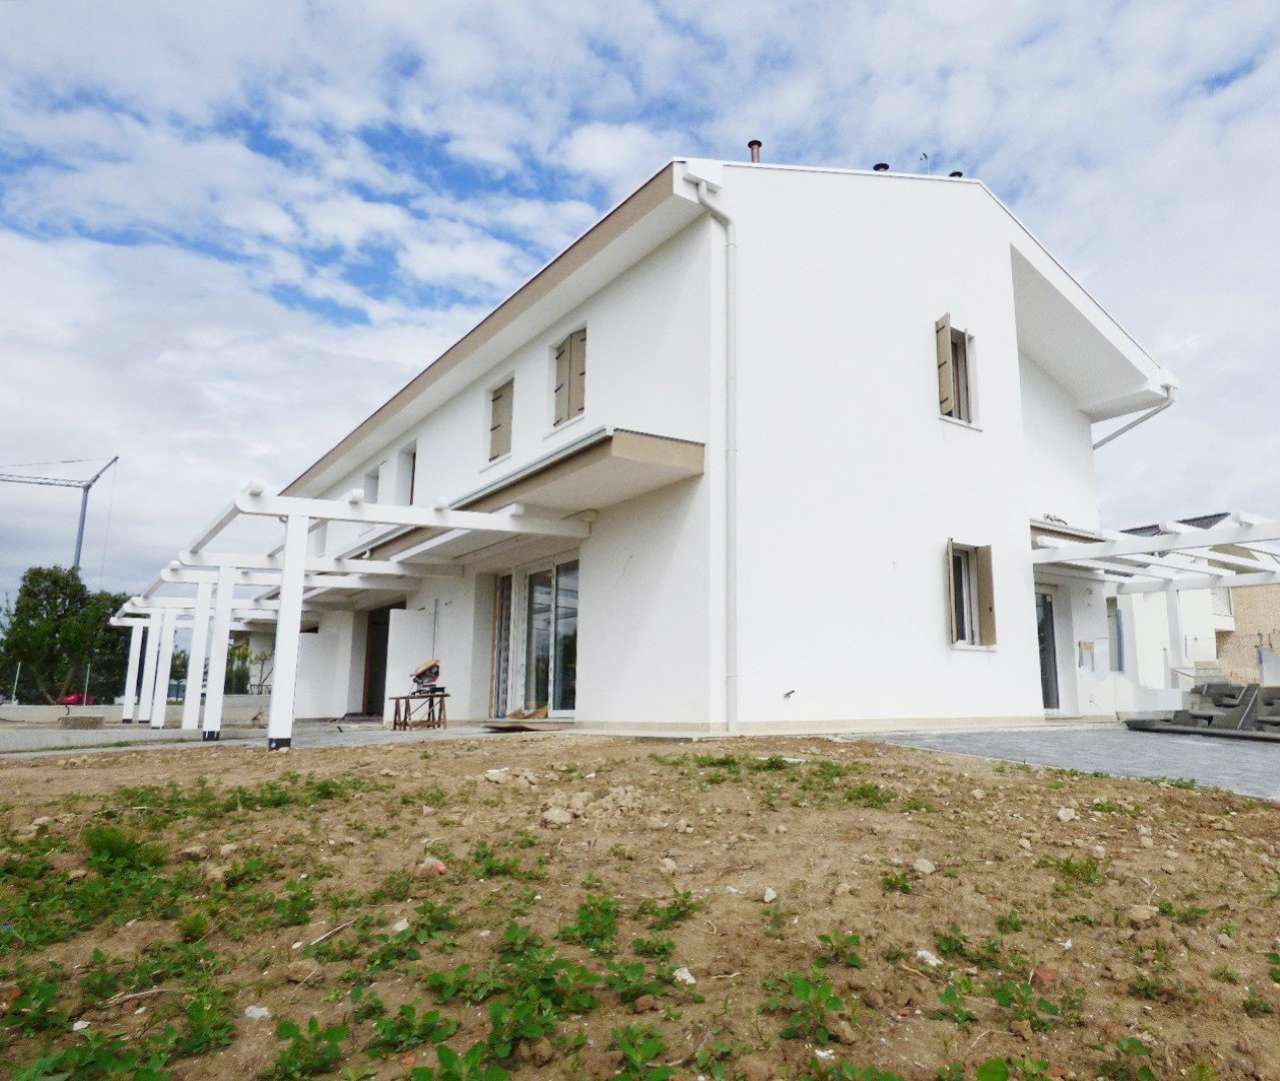 Soluzione Indipendente in vendita a Legnaro, 4 locali, prezzo € 160.000 | CambioCasa.it